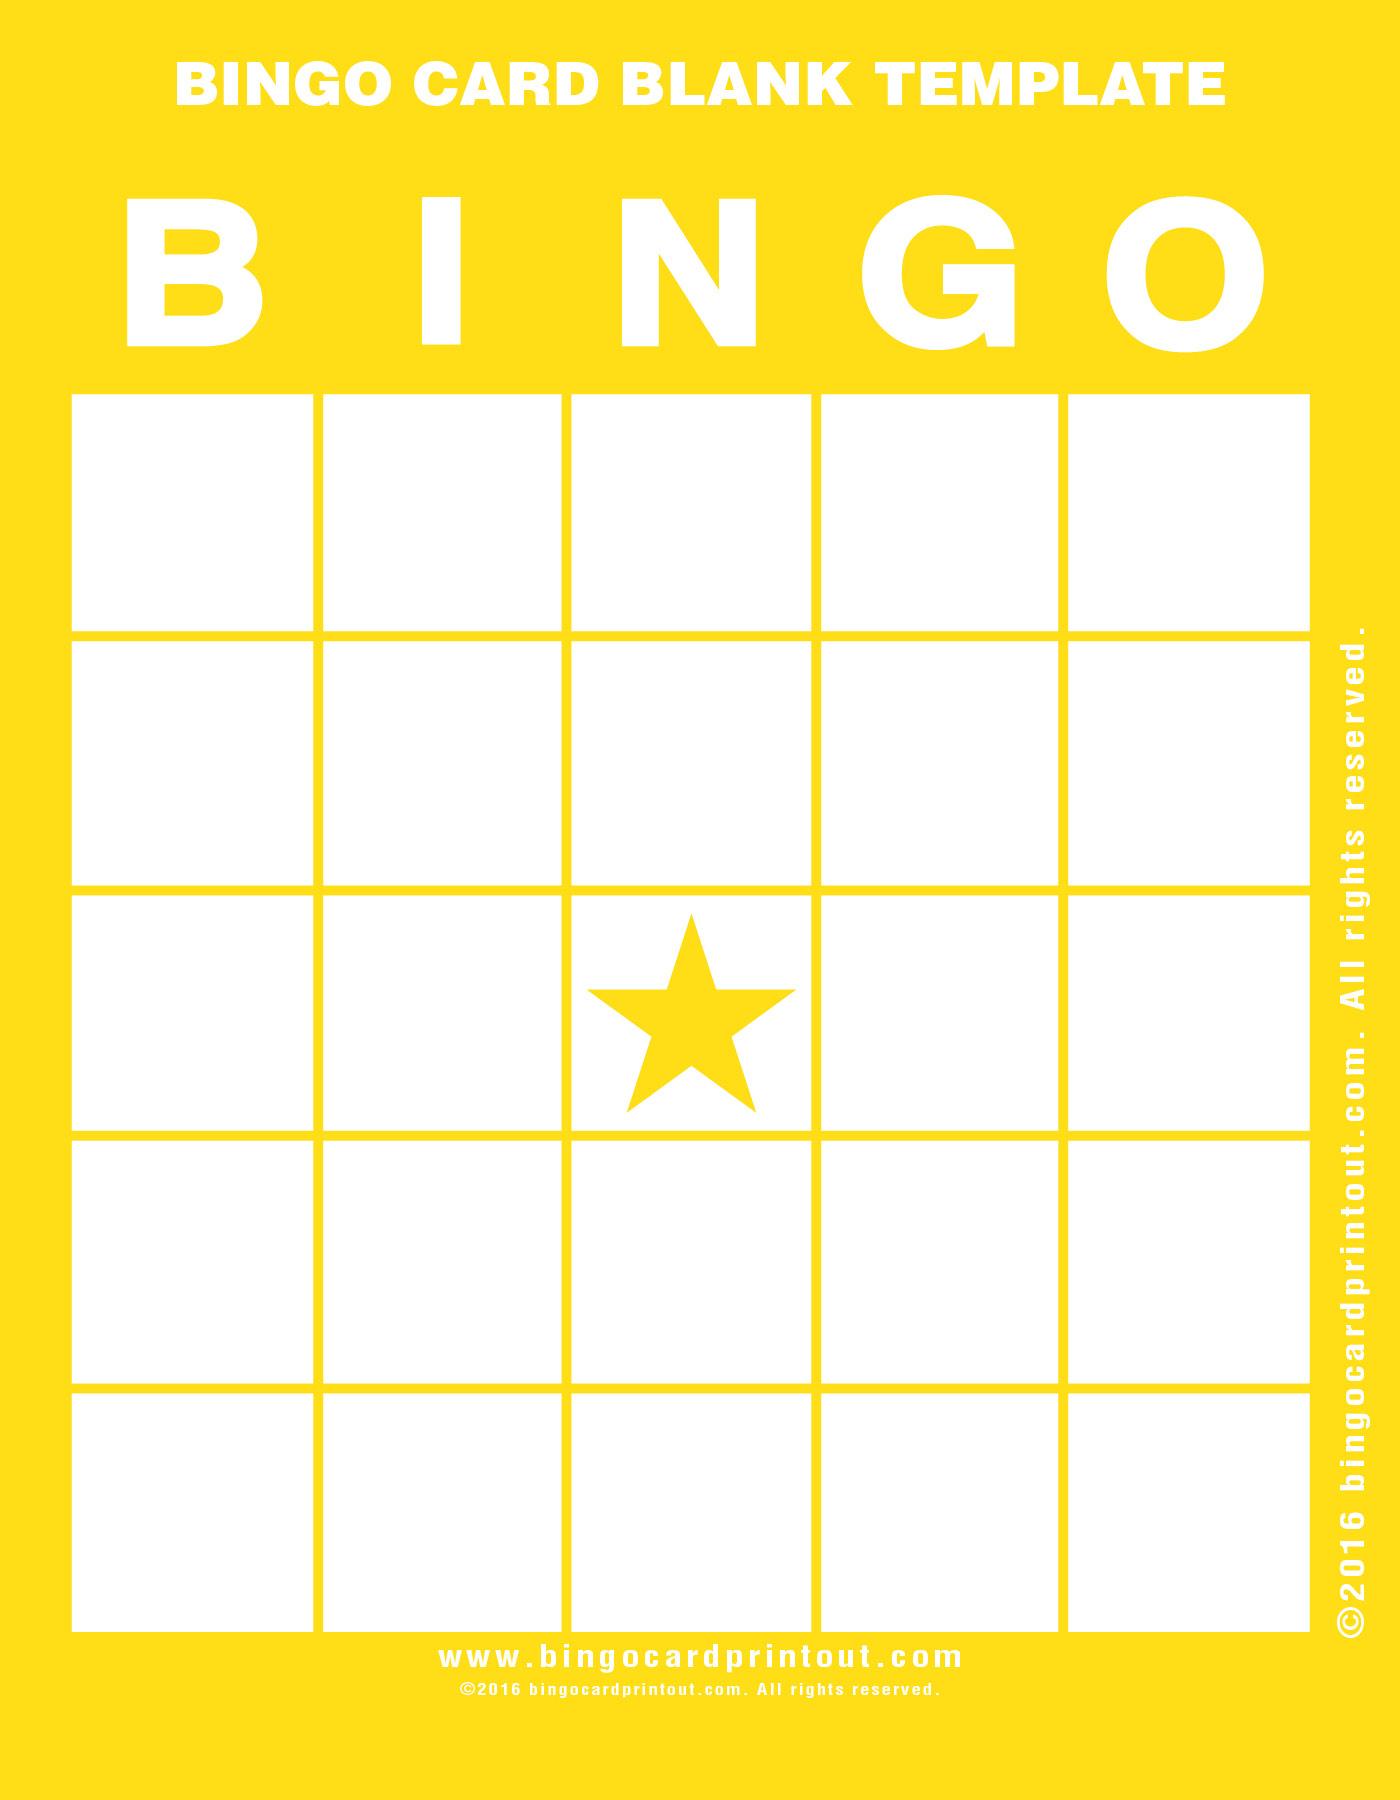 Bingo Card Blank Template - Bingocardprintout